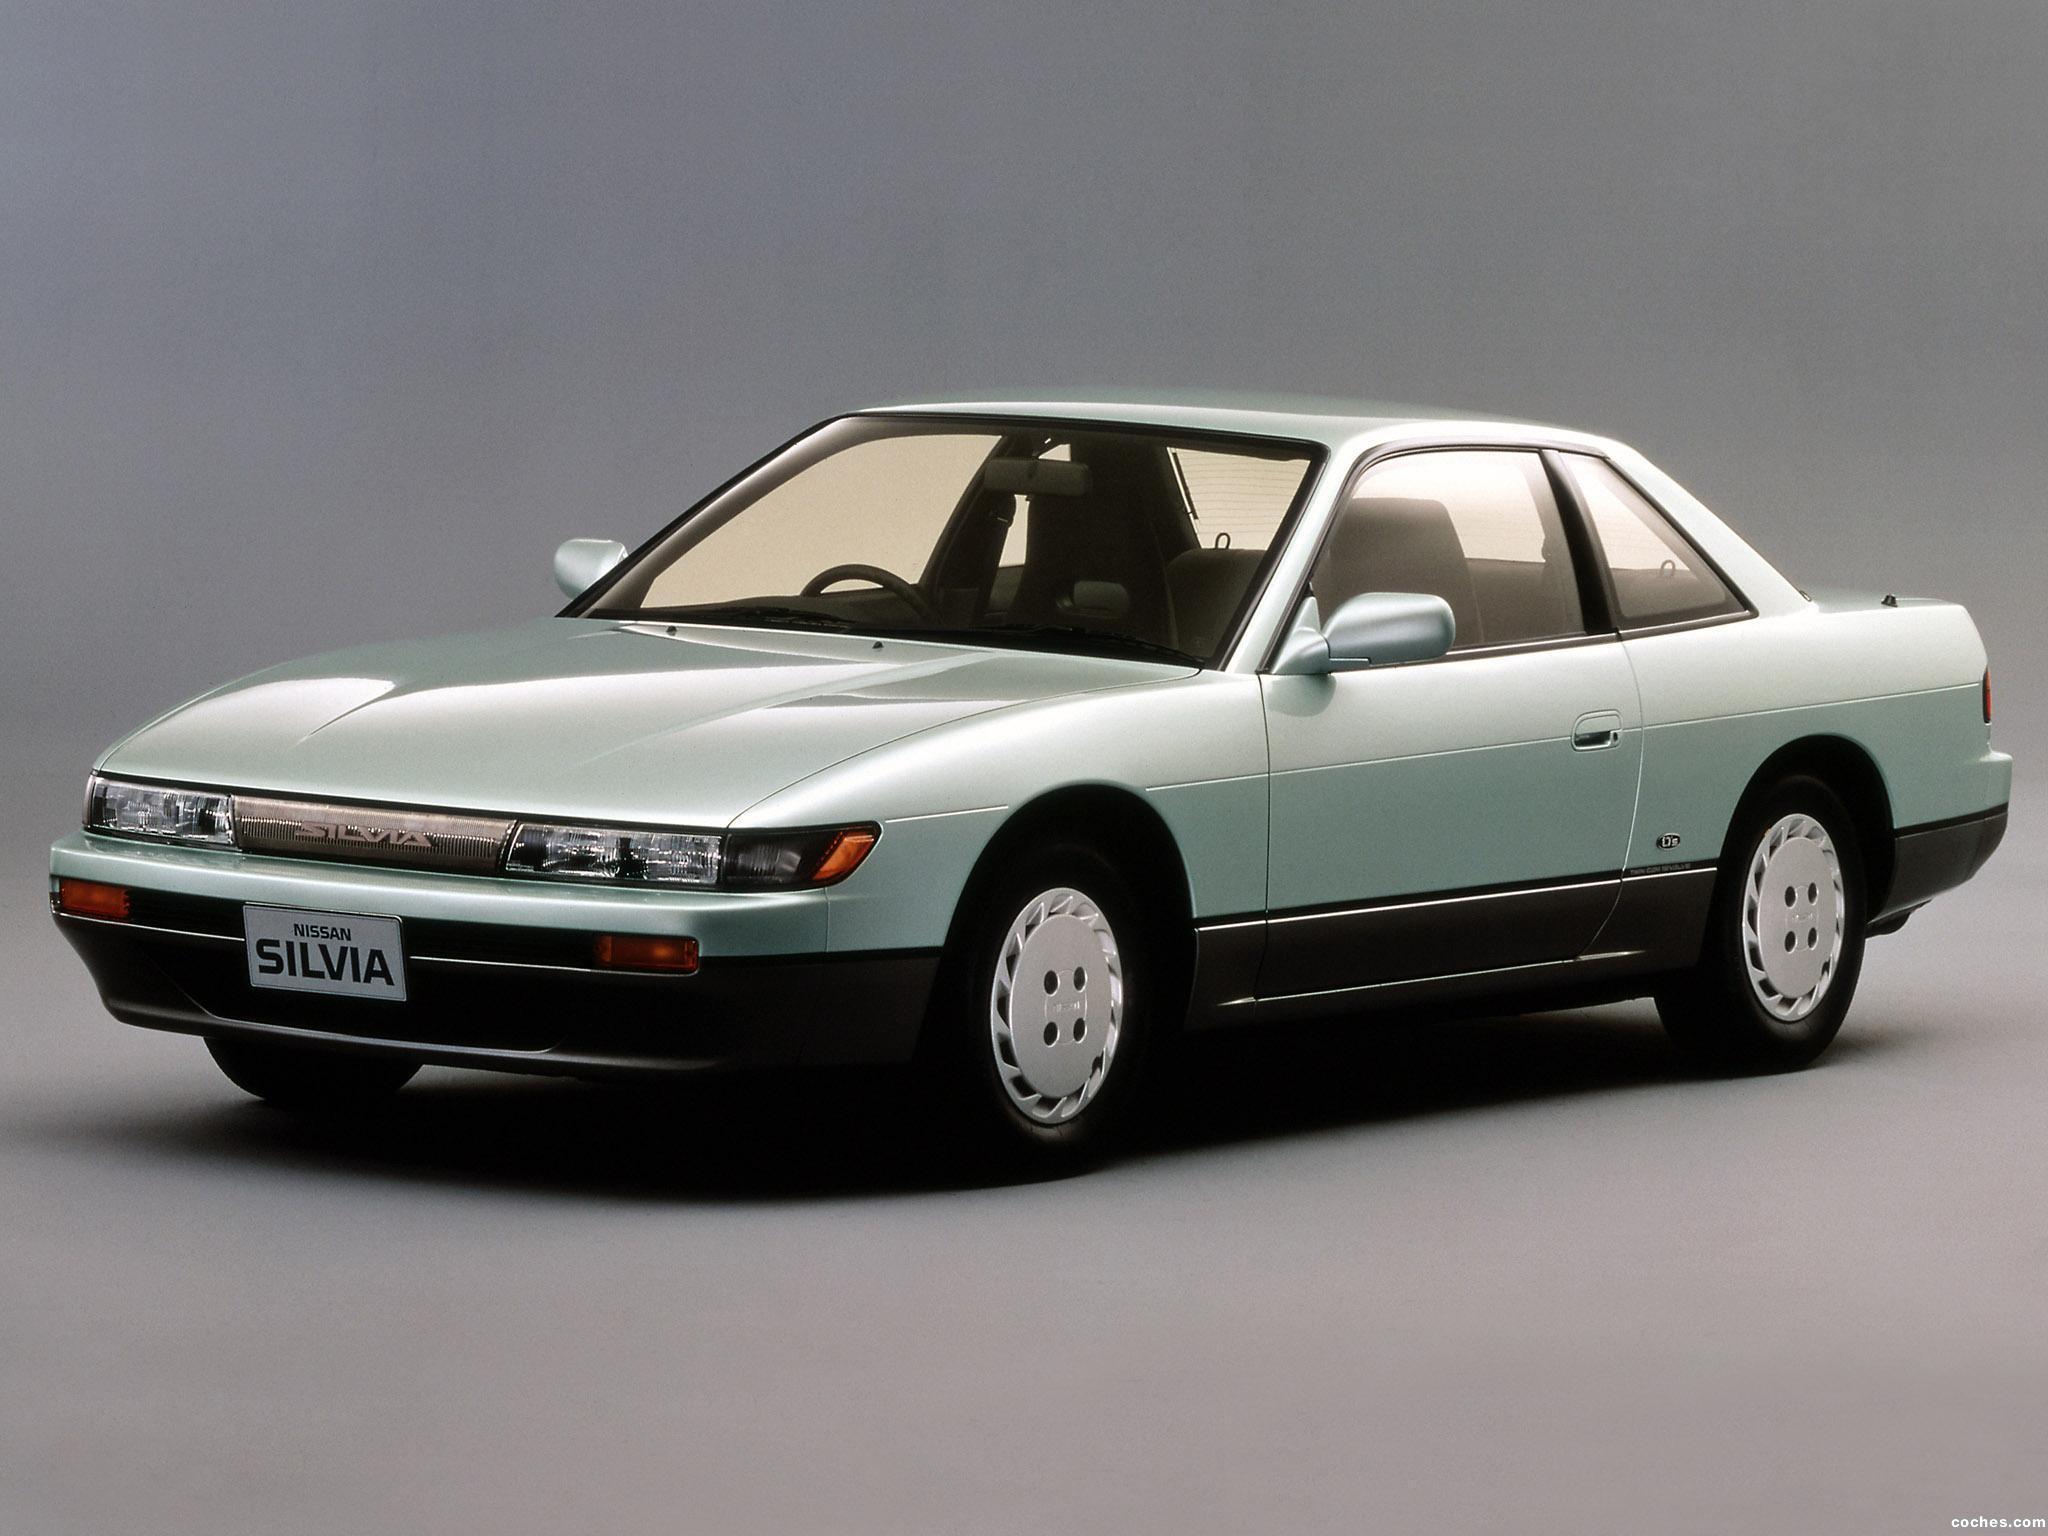 Foto 0 de Nissan Silvia Q S13 1988